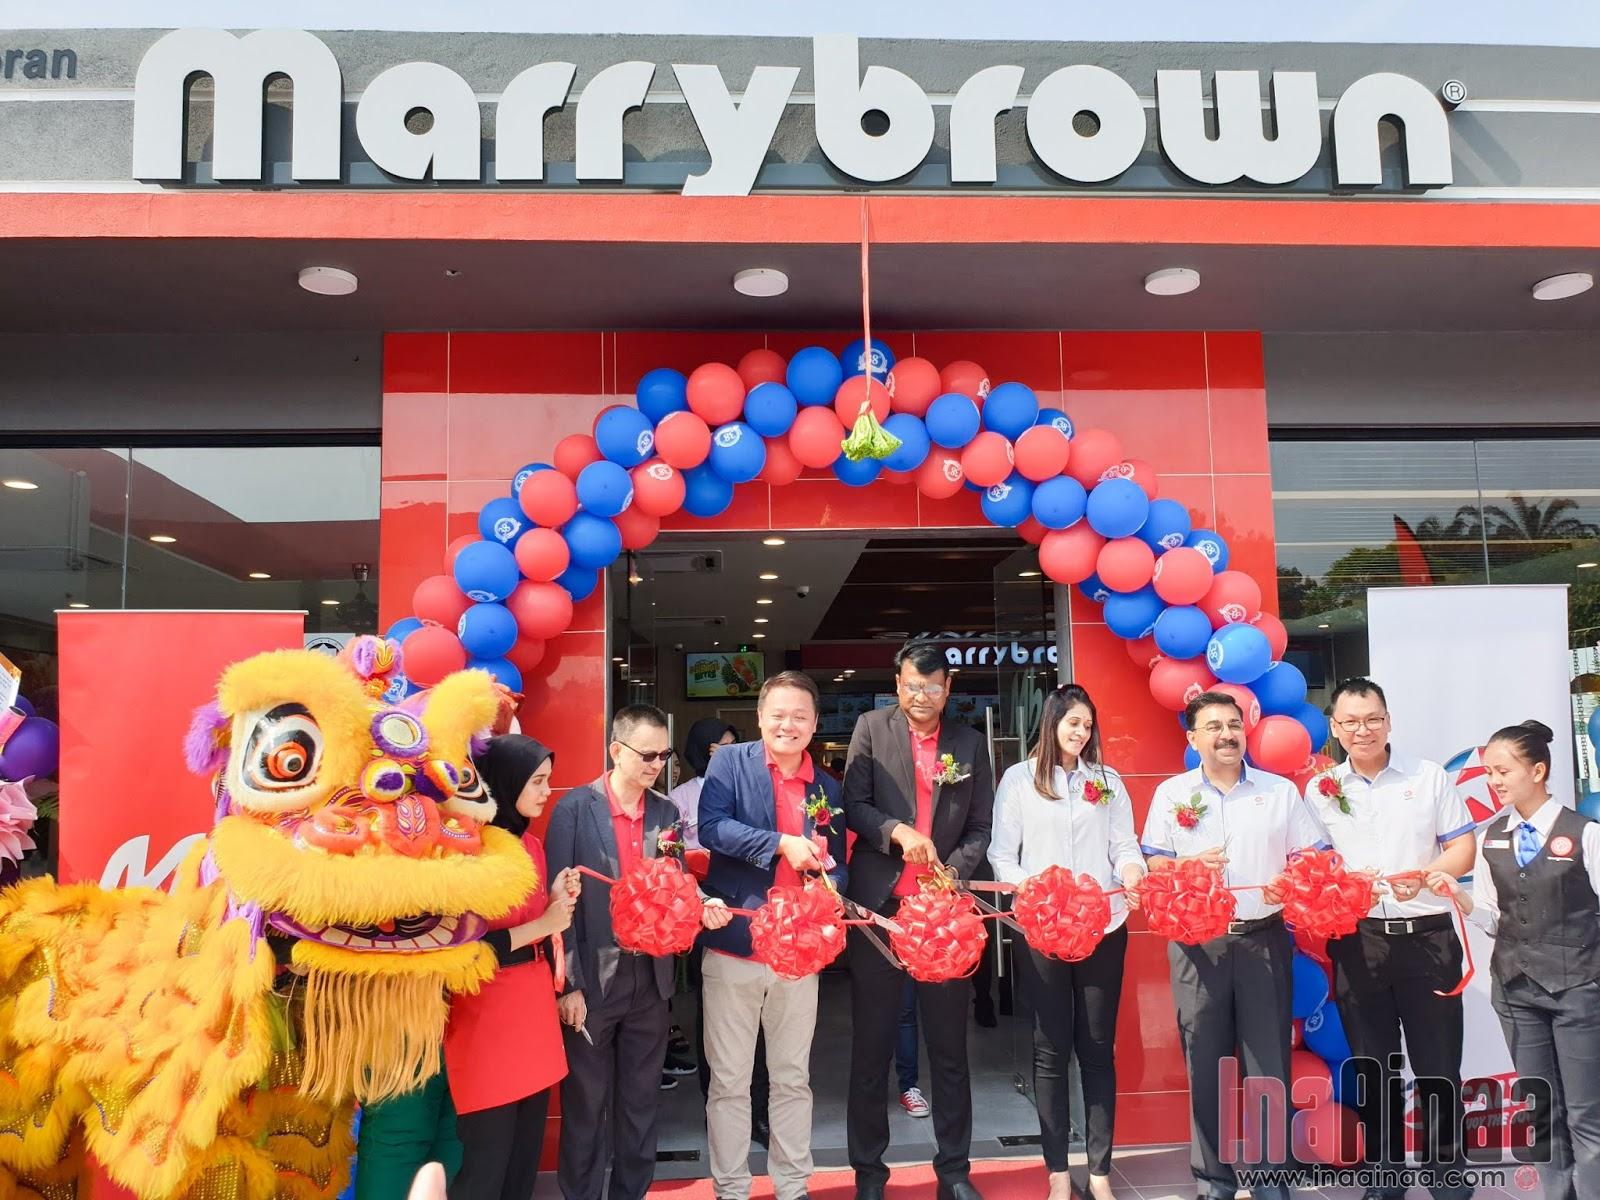 MARRYBROWN SG.CHOH RAWANG - Hak Milik Ina Ainaa